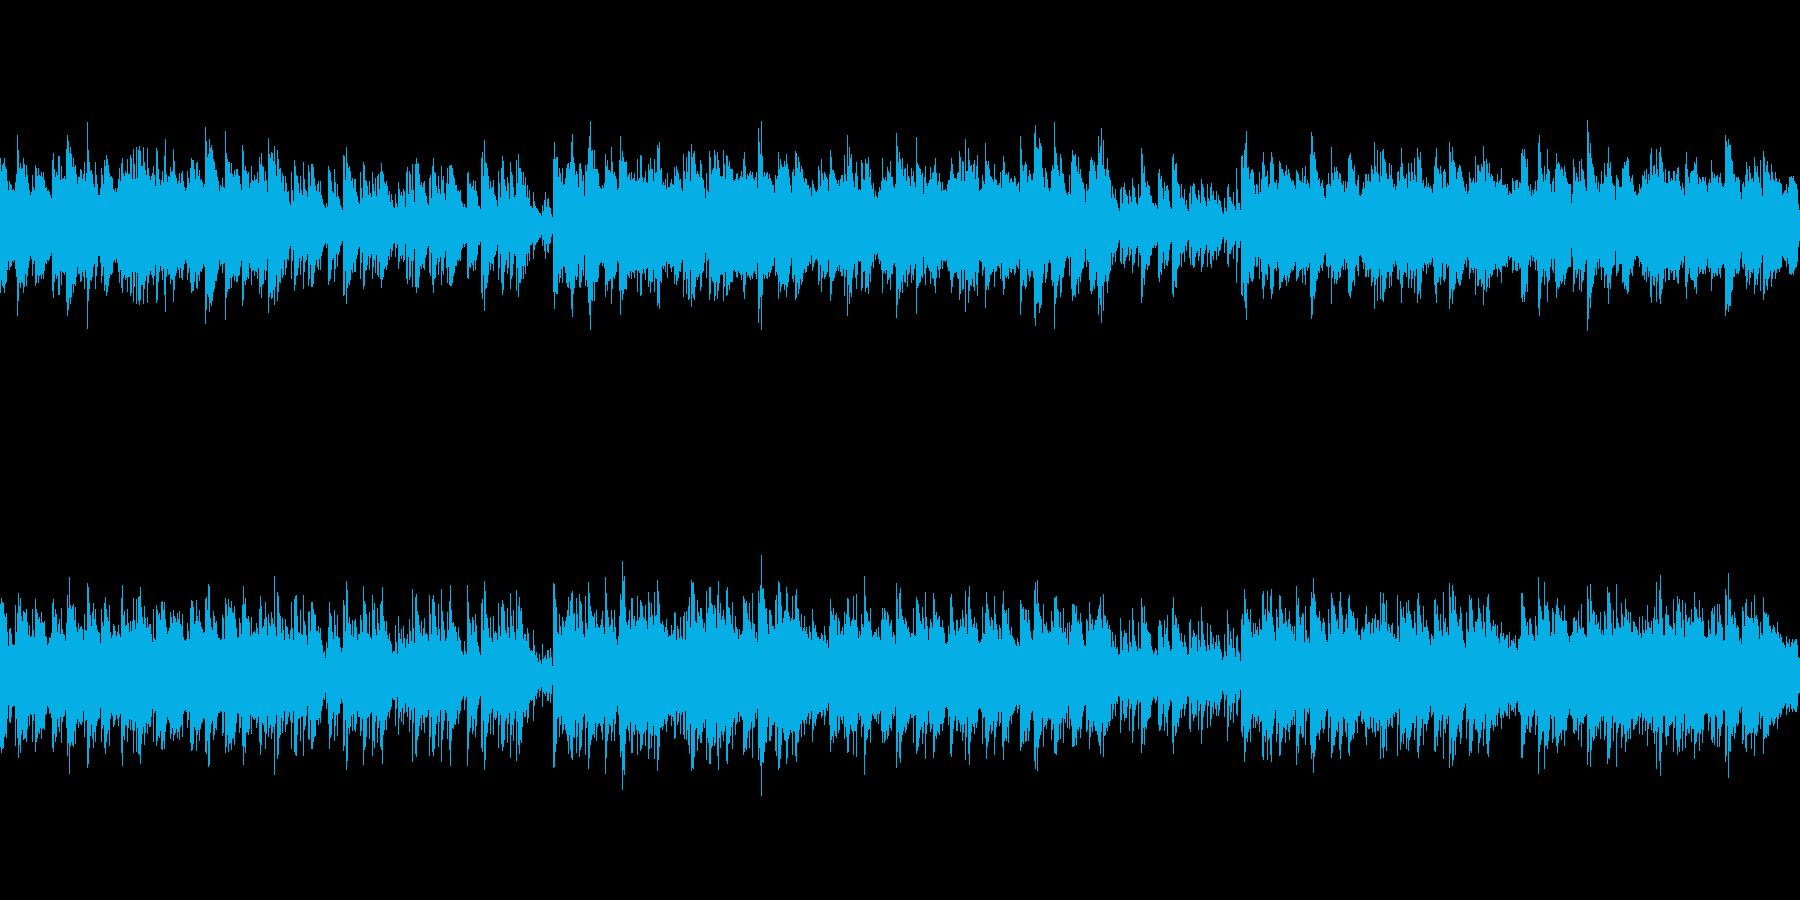 ピアノ主体の穏やかなアンビエントの再生済みの波形